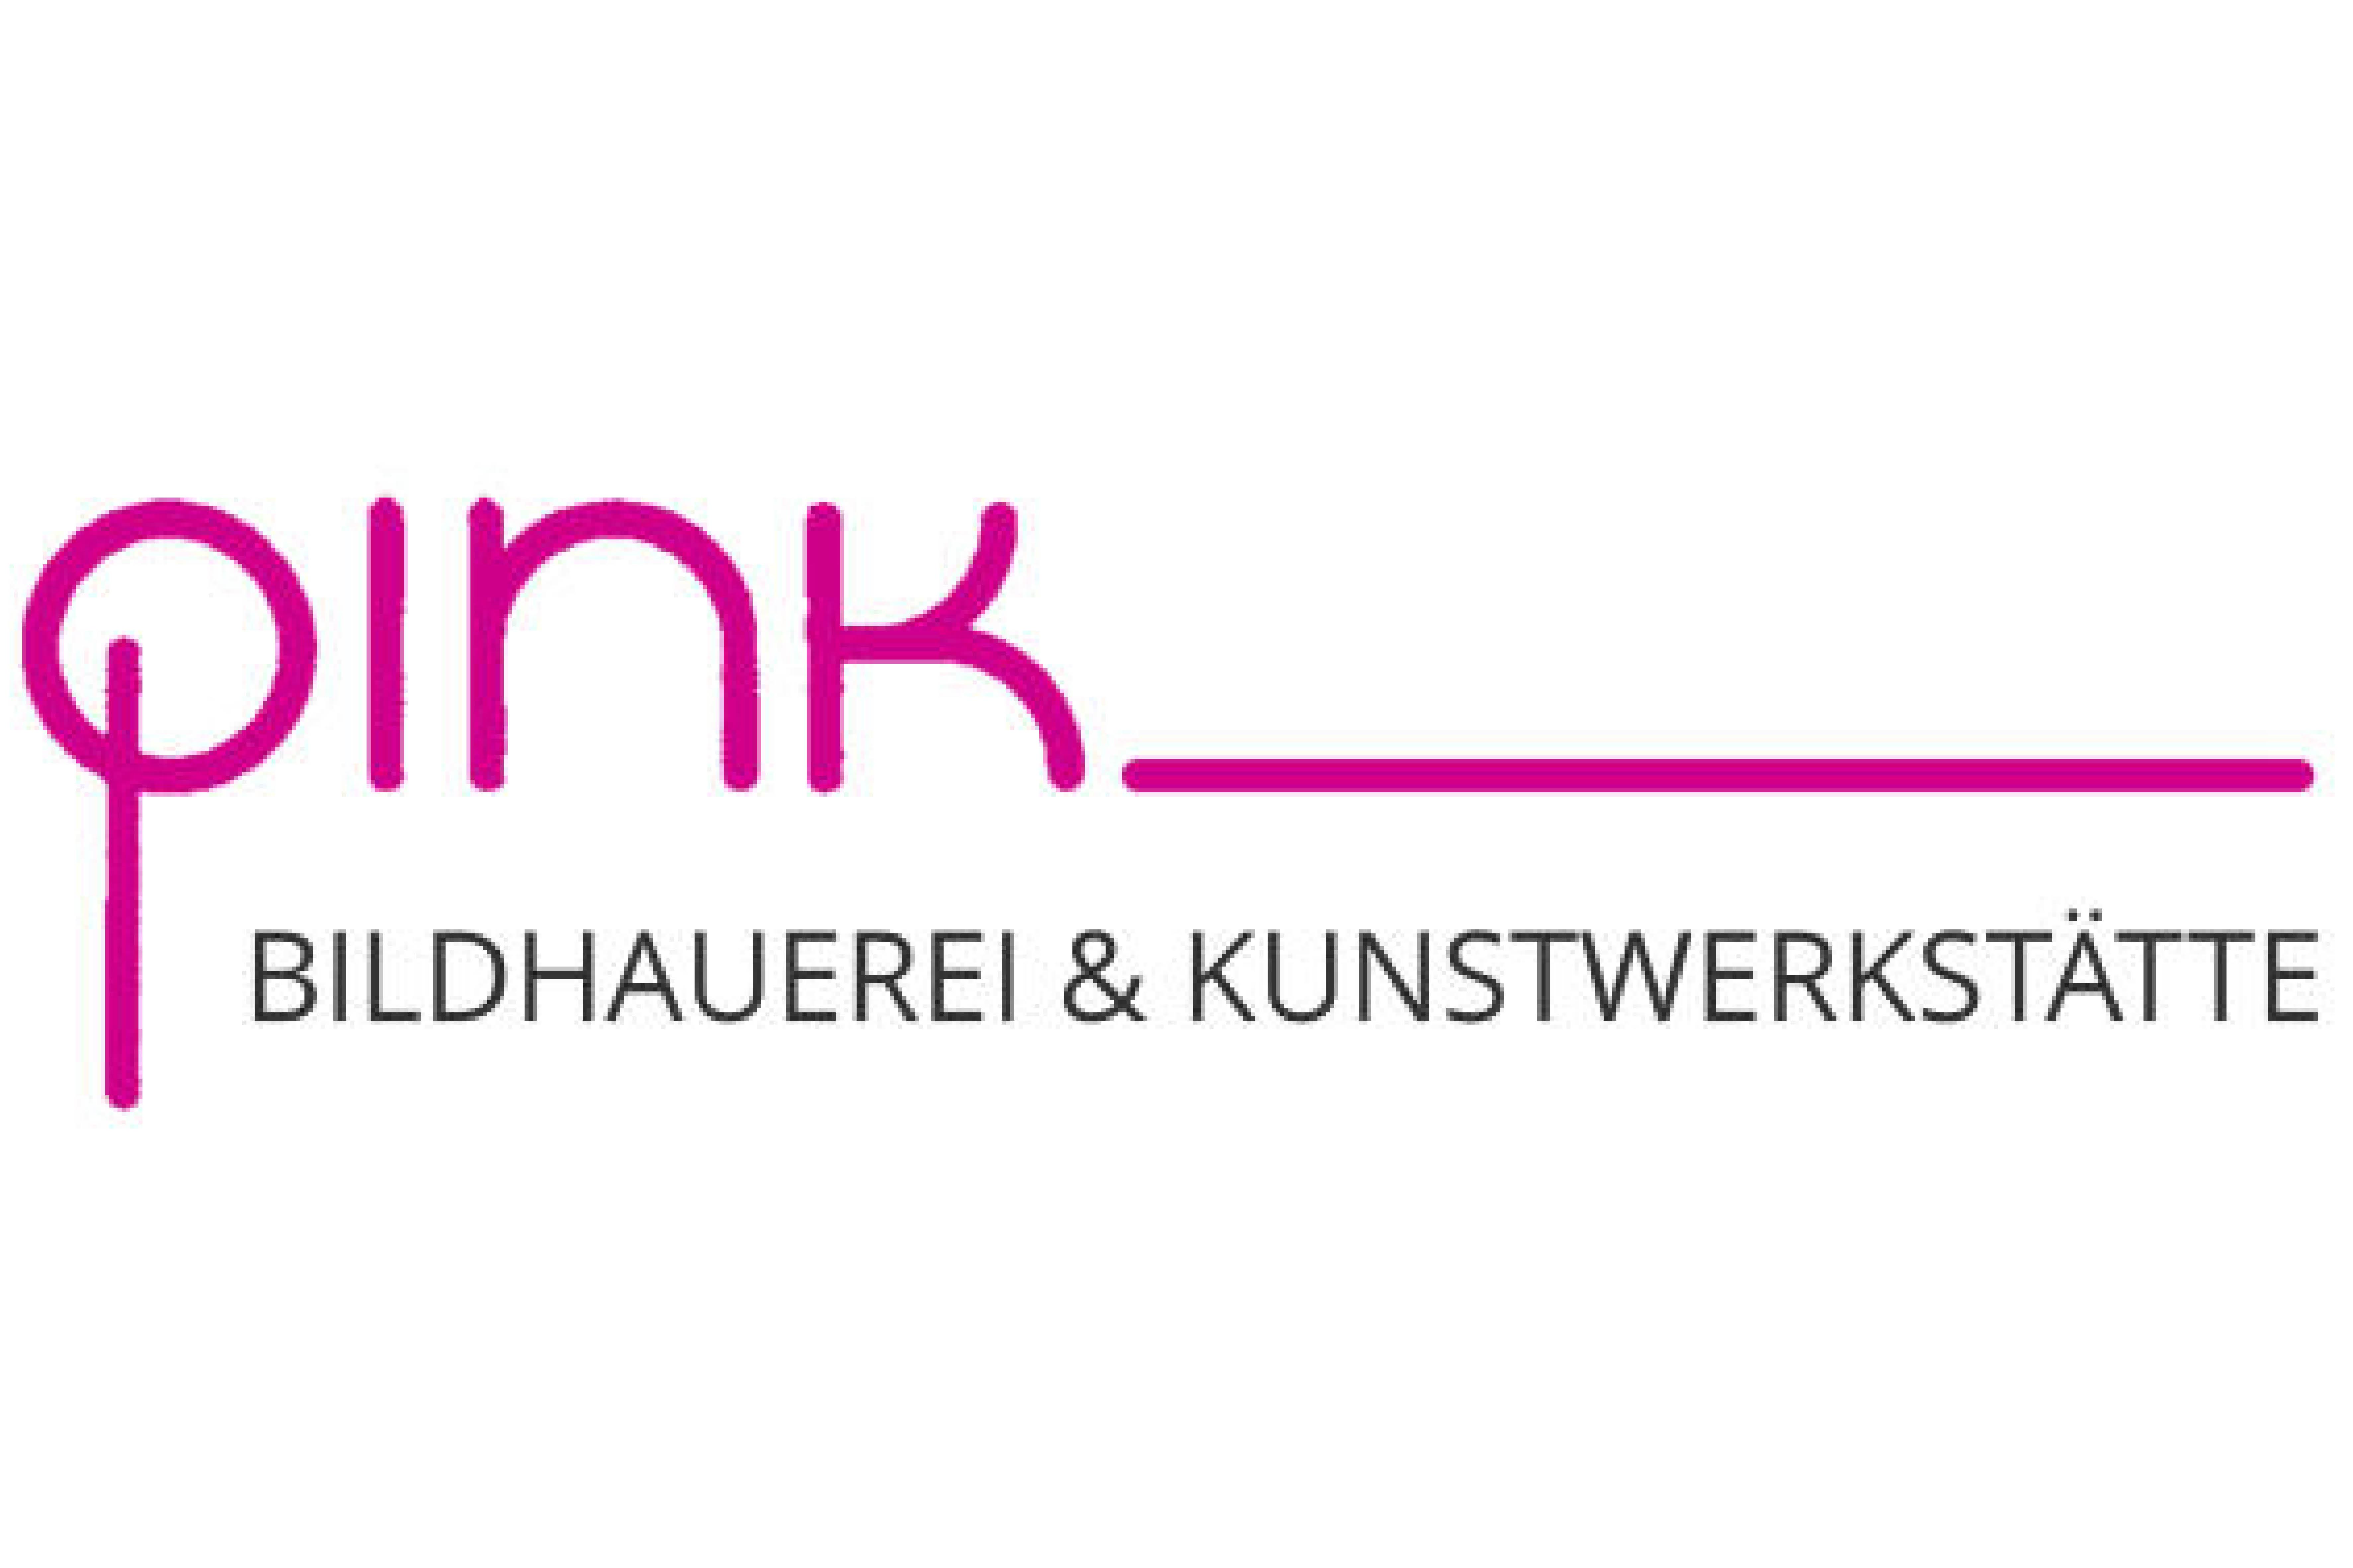 Pink Bildhauerei & Kunstwerkstätte